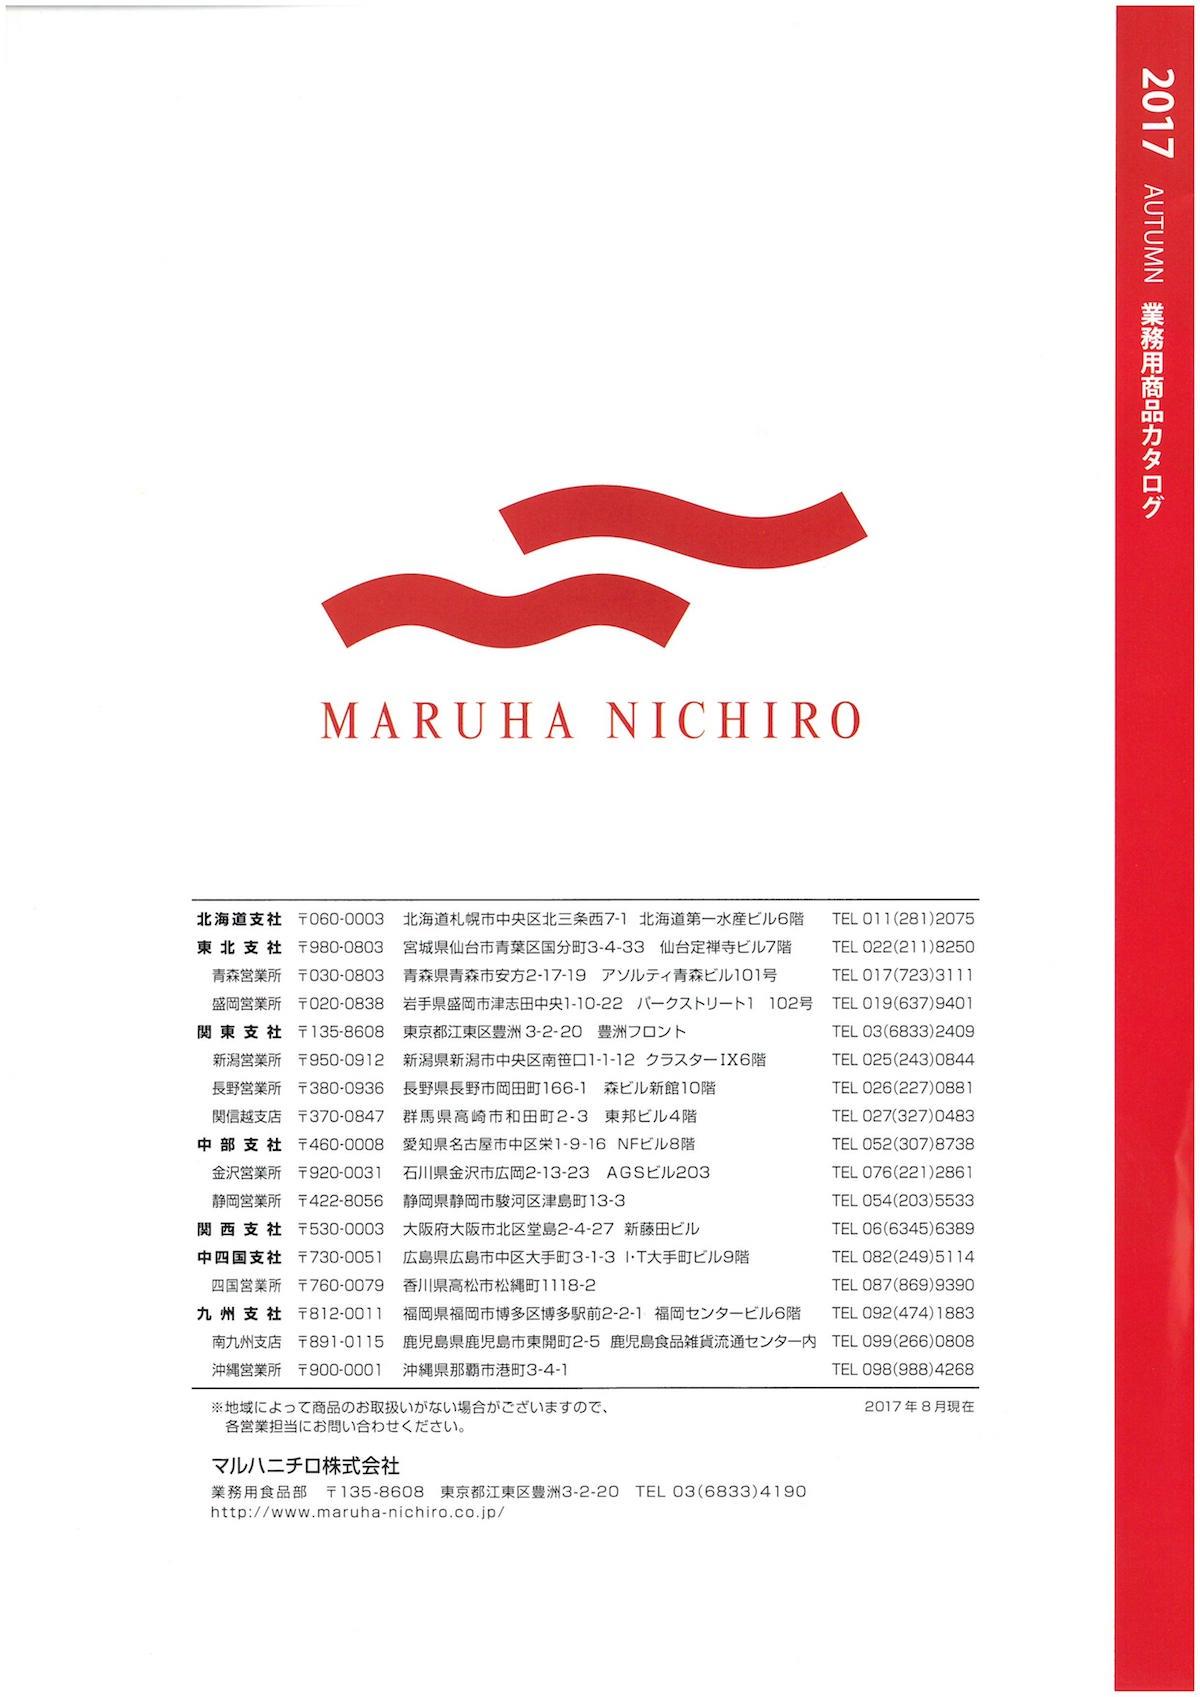 マルハニチロ2017秋